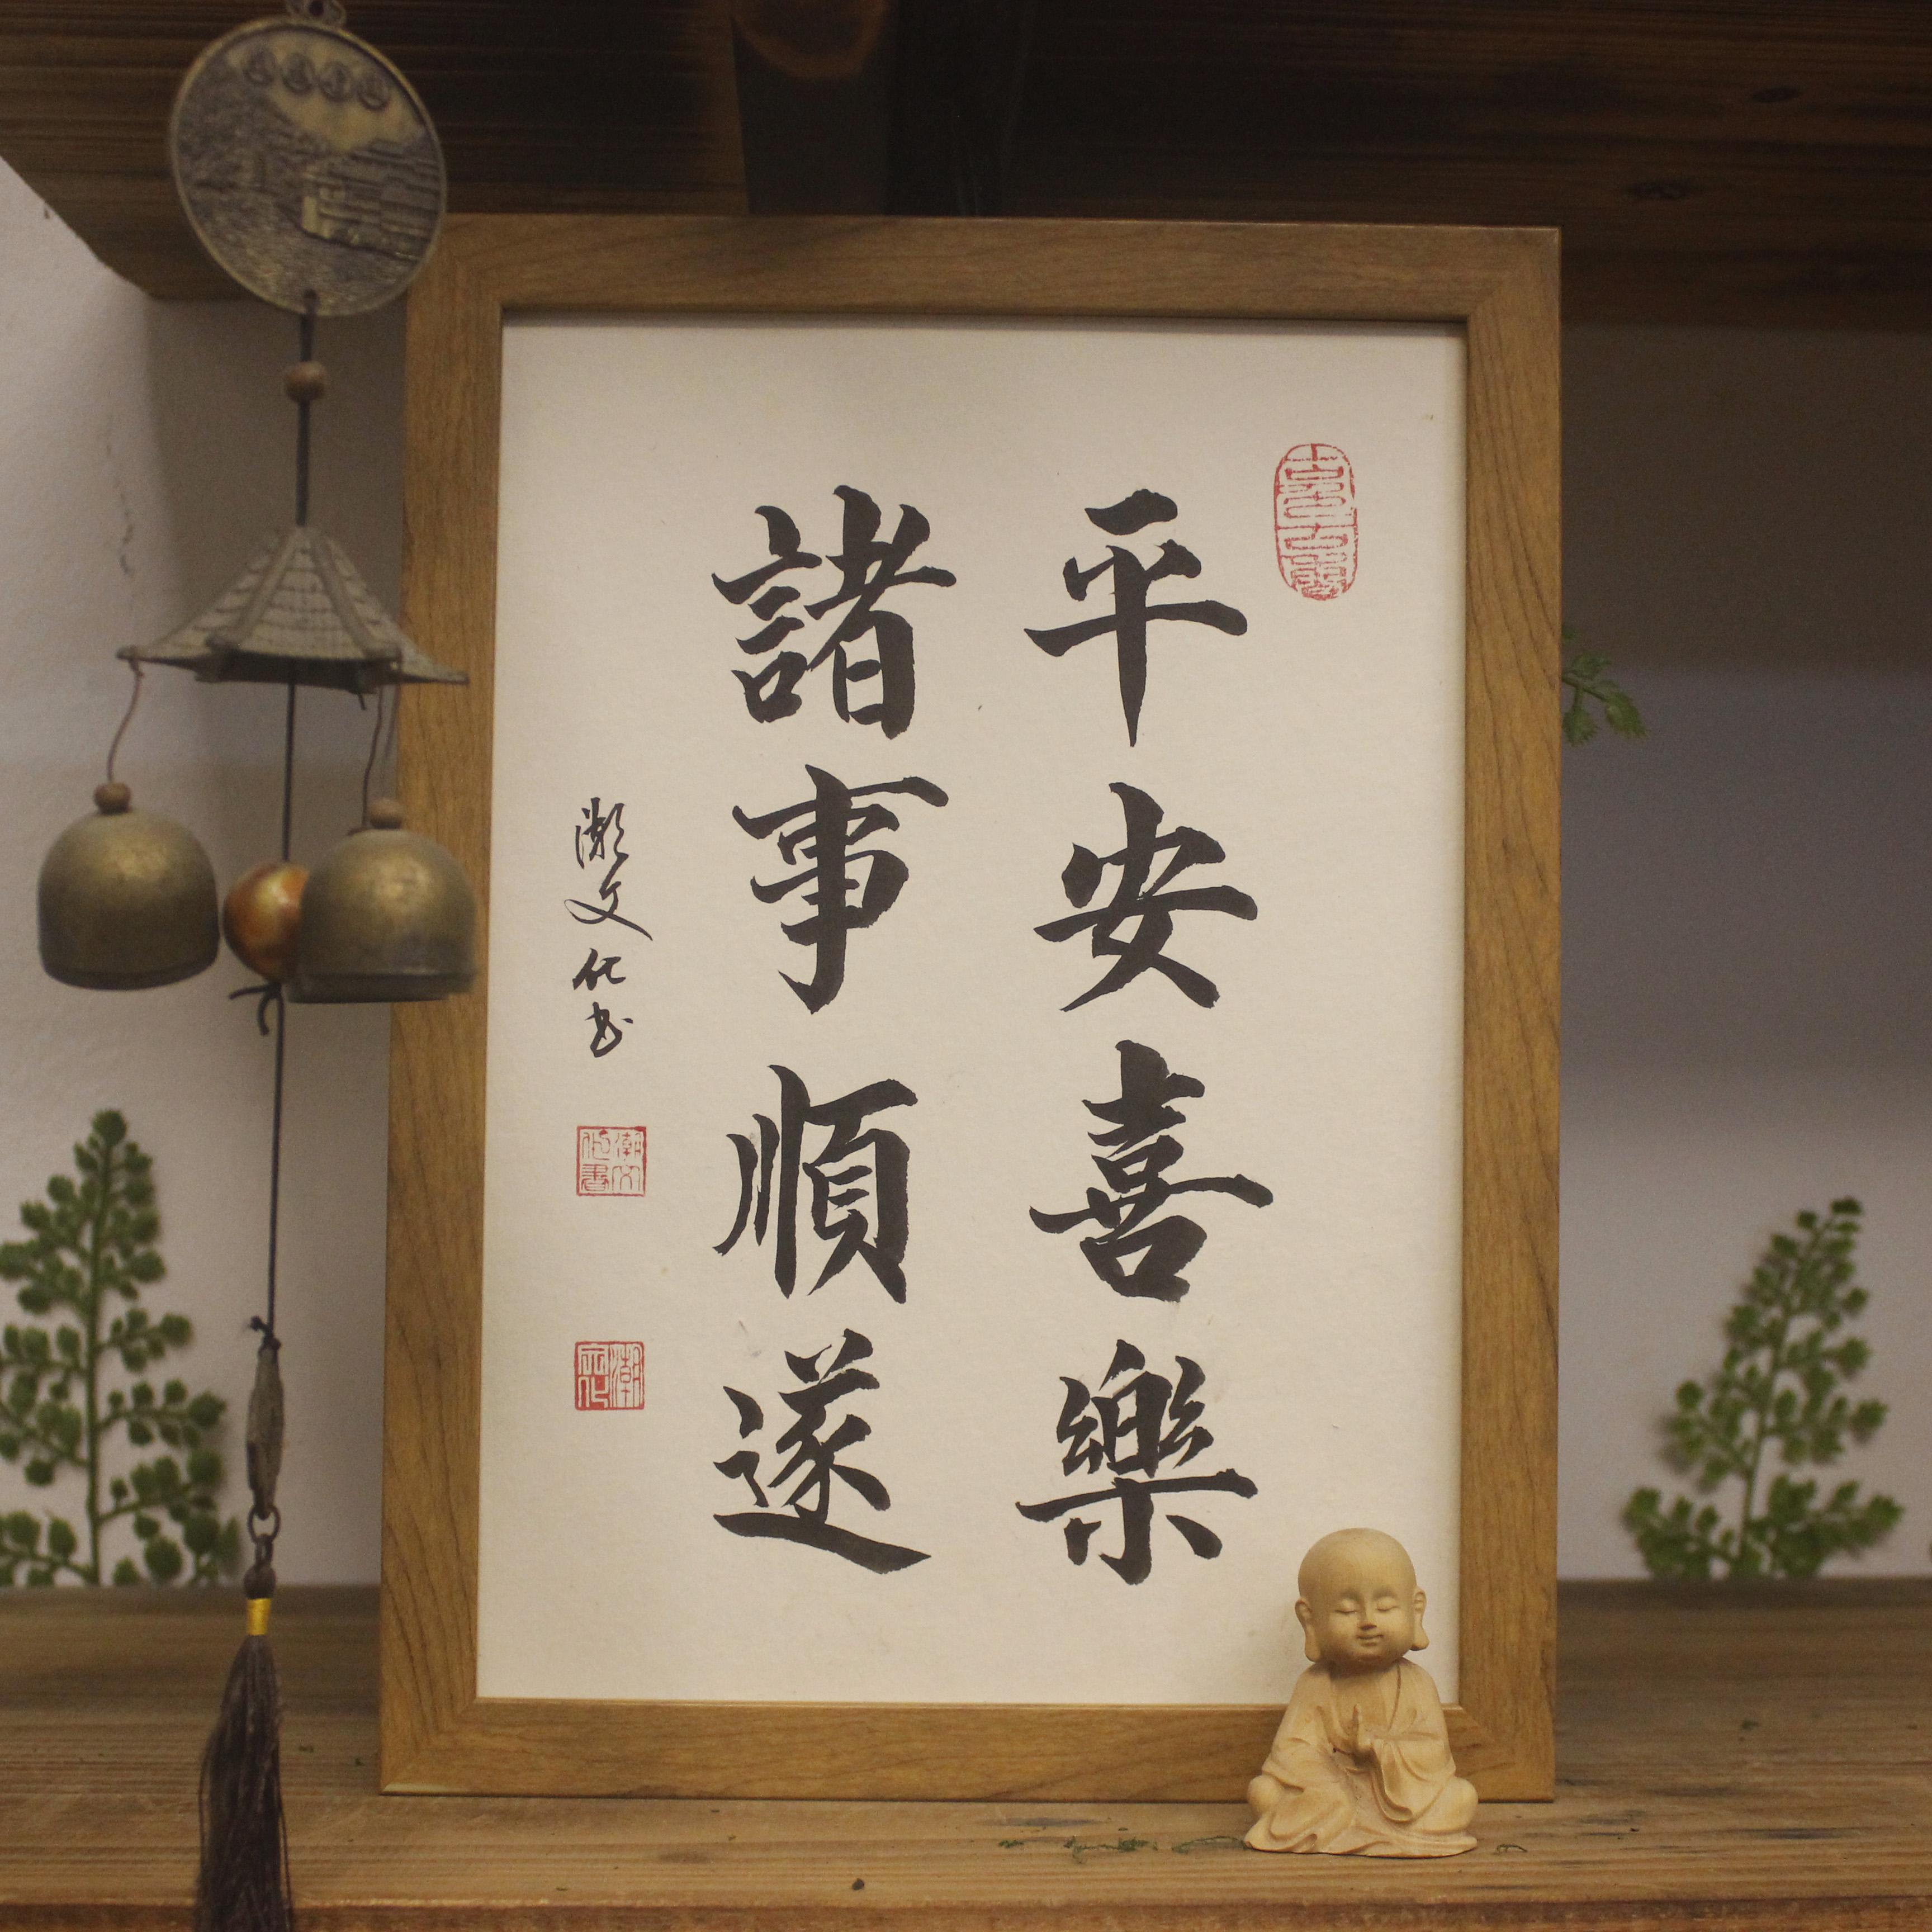 平安喜諸事逐毛筆字掛畫裝手寫真跡勵志性禮物辦公桌面實木框